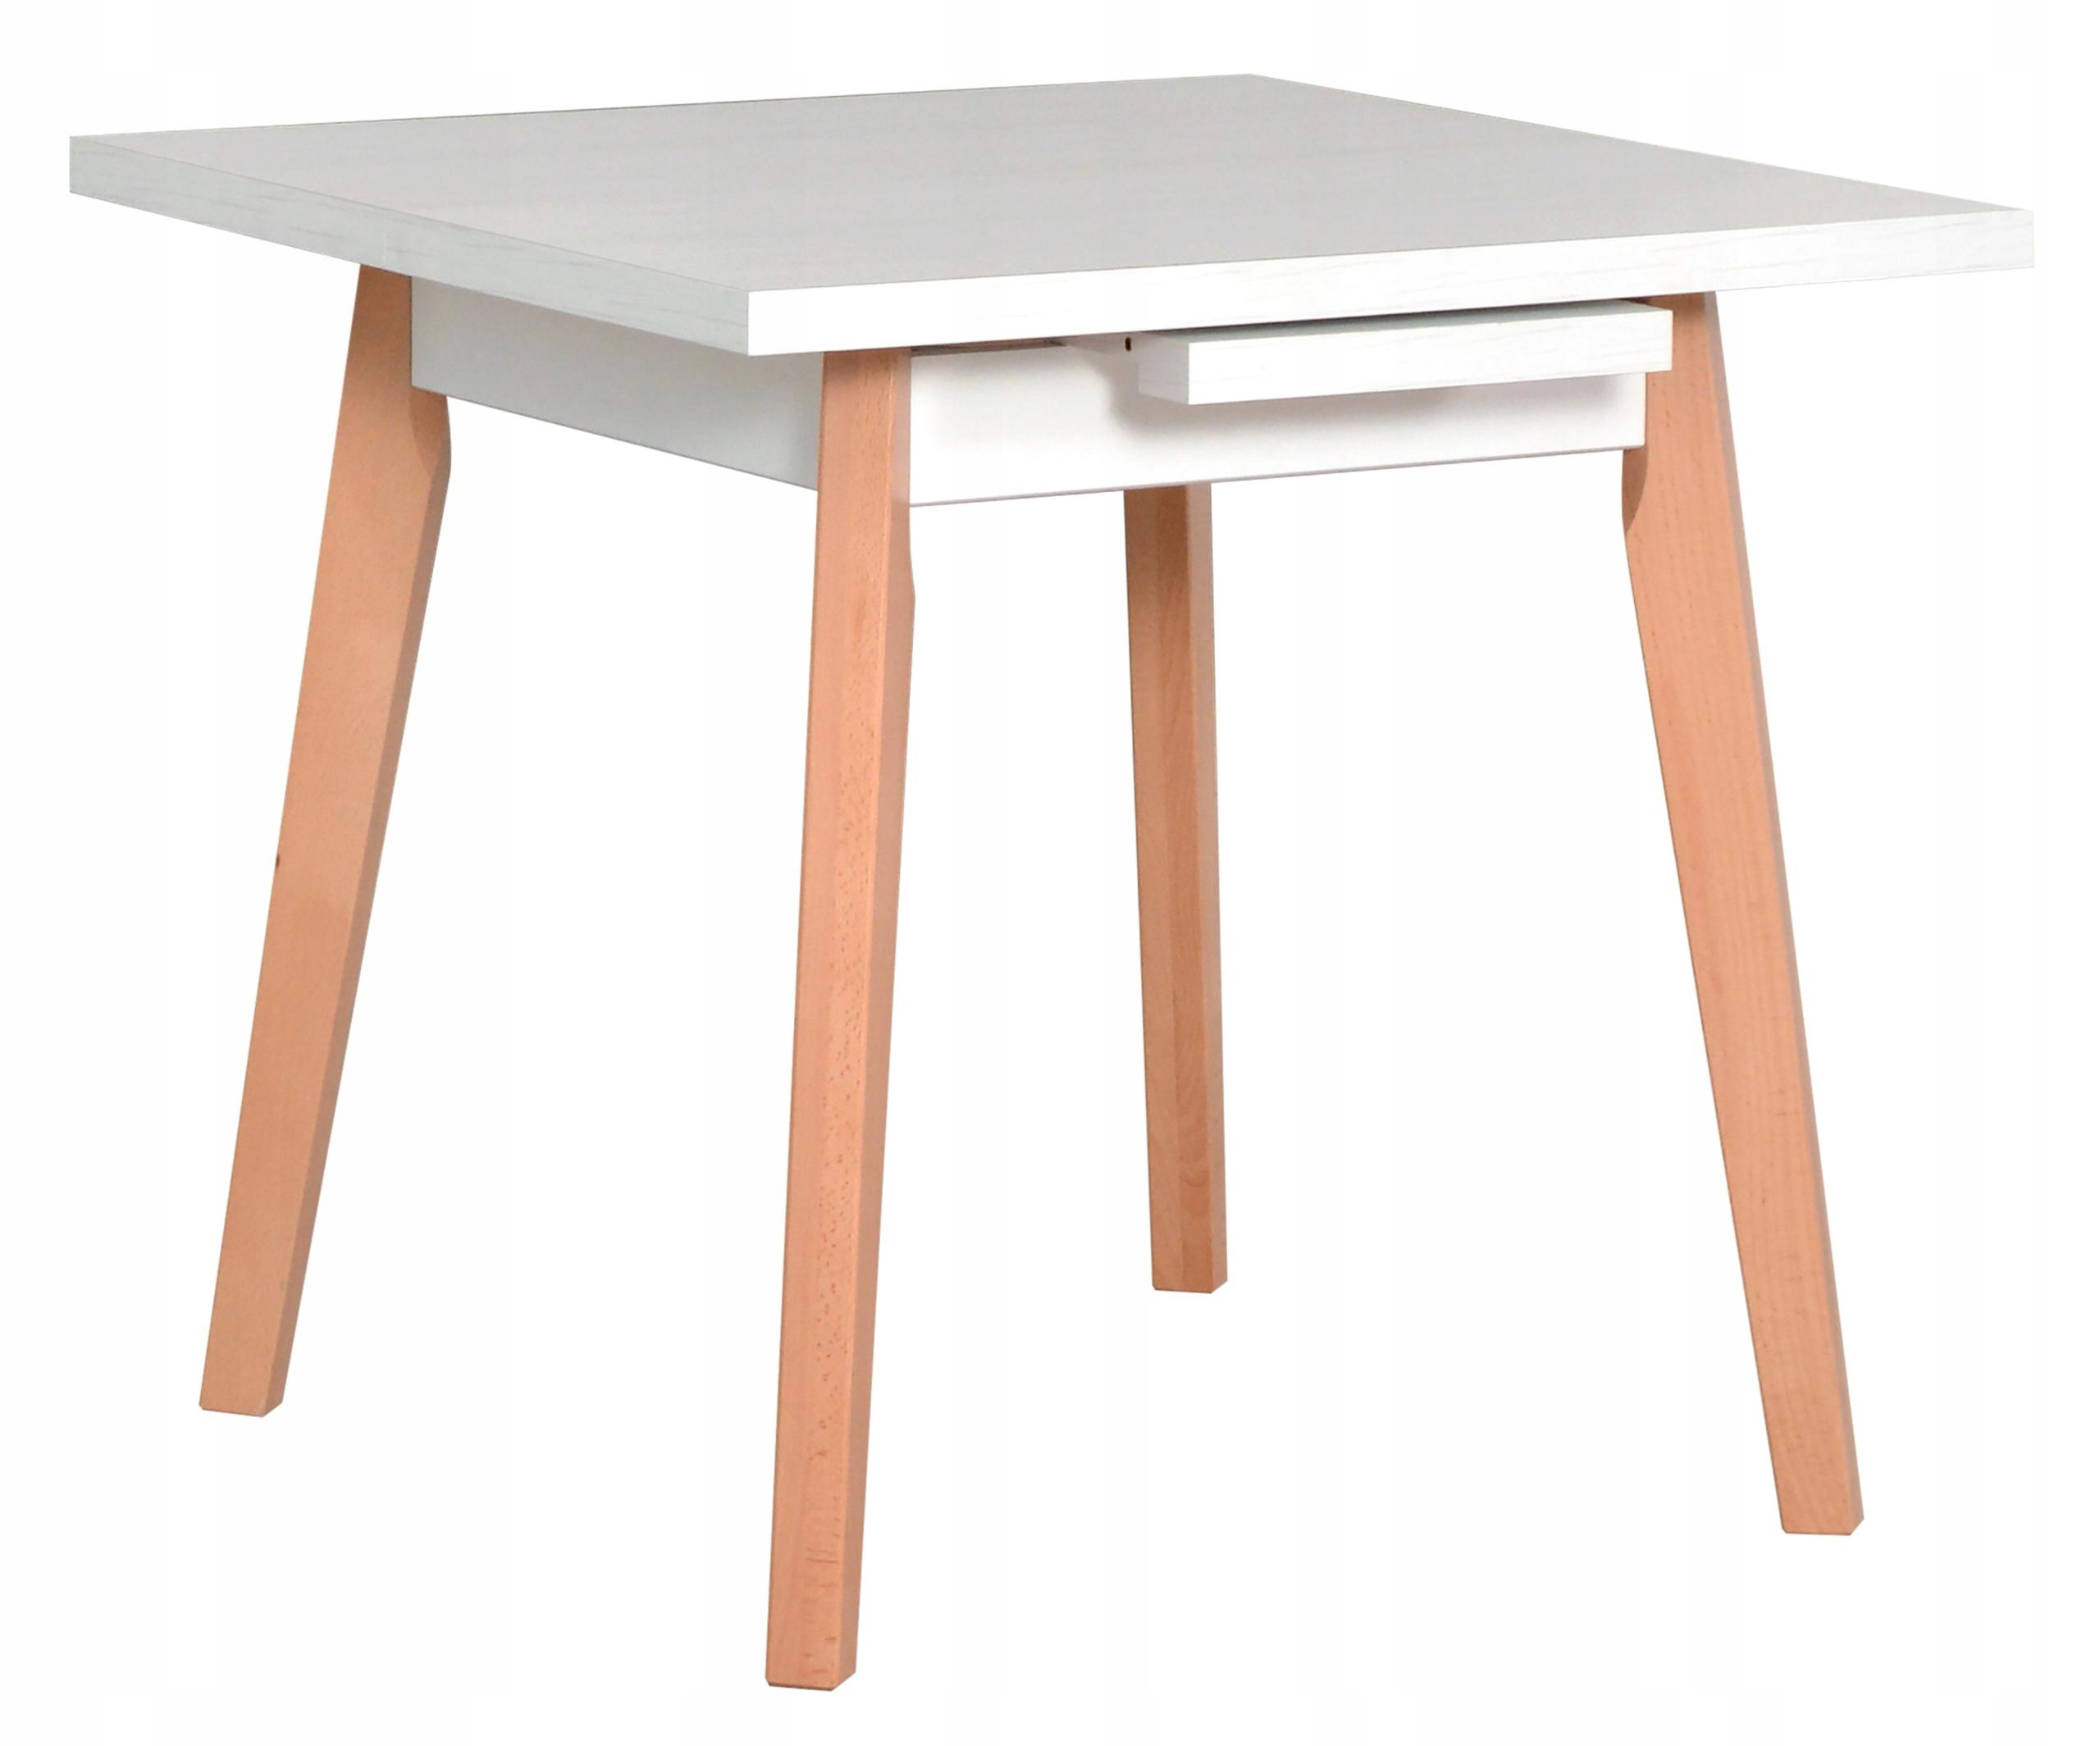 Nowoczesny Stół OSLO 1L Rozkładany do 110 cm Biały